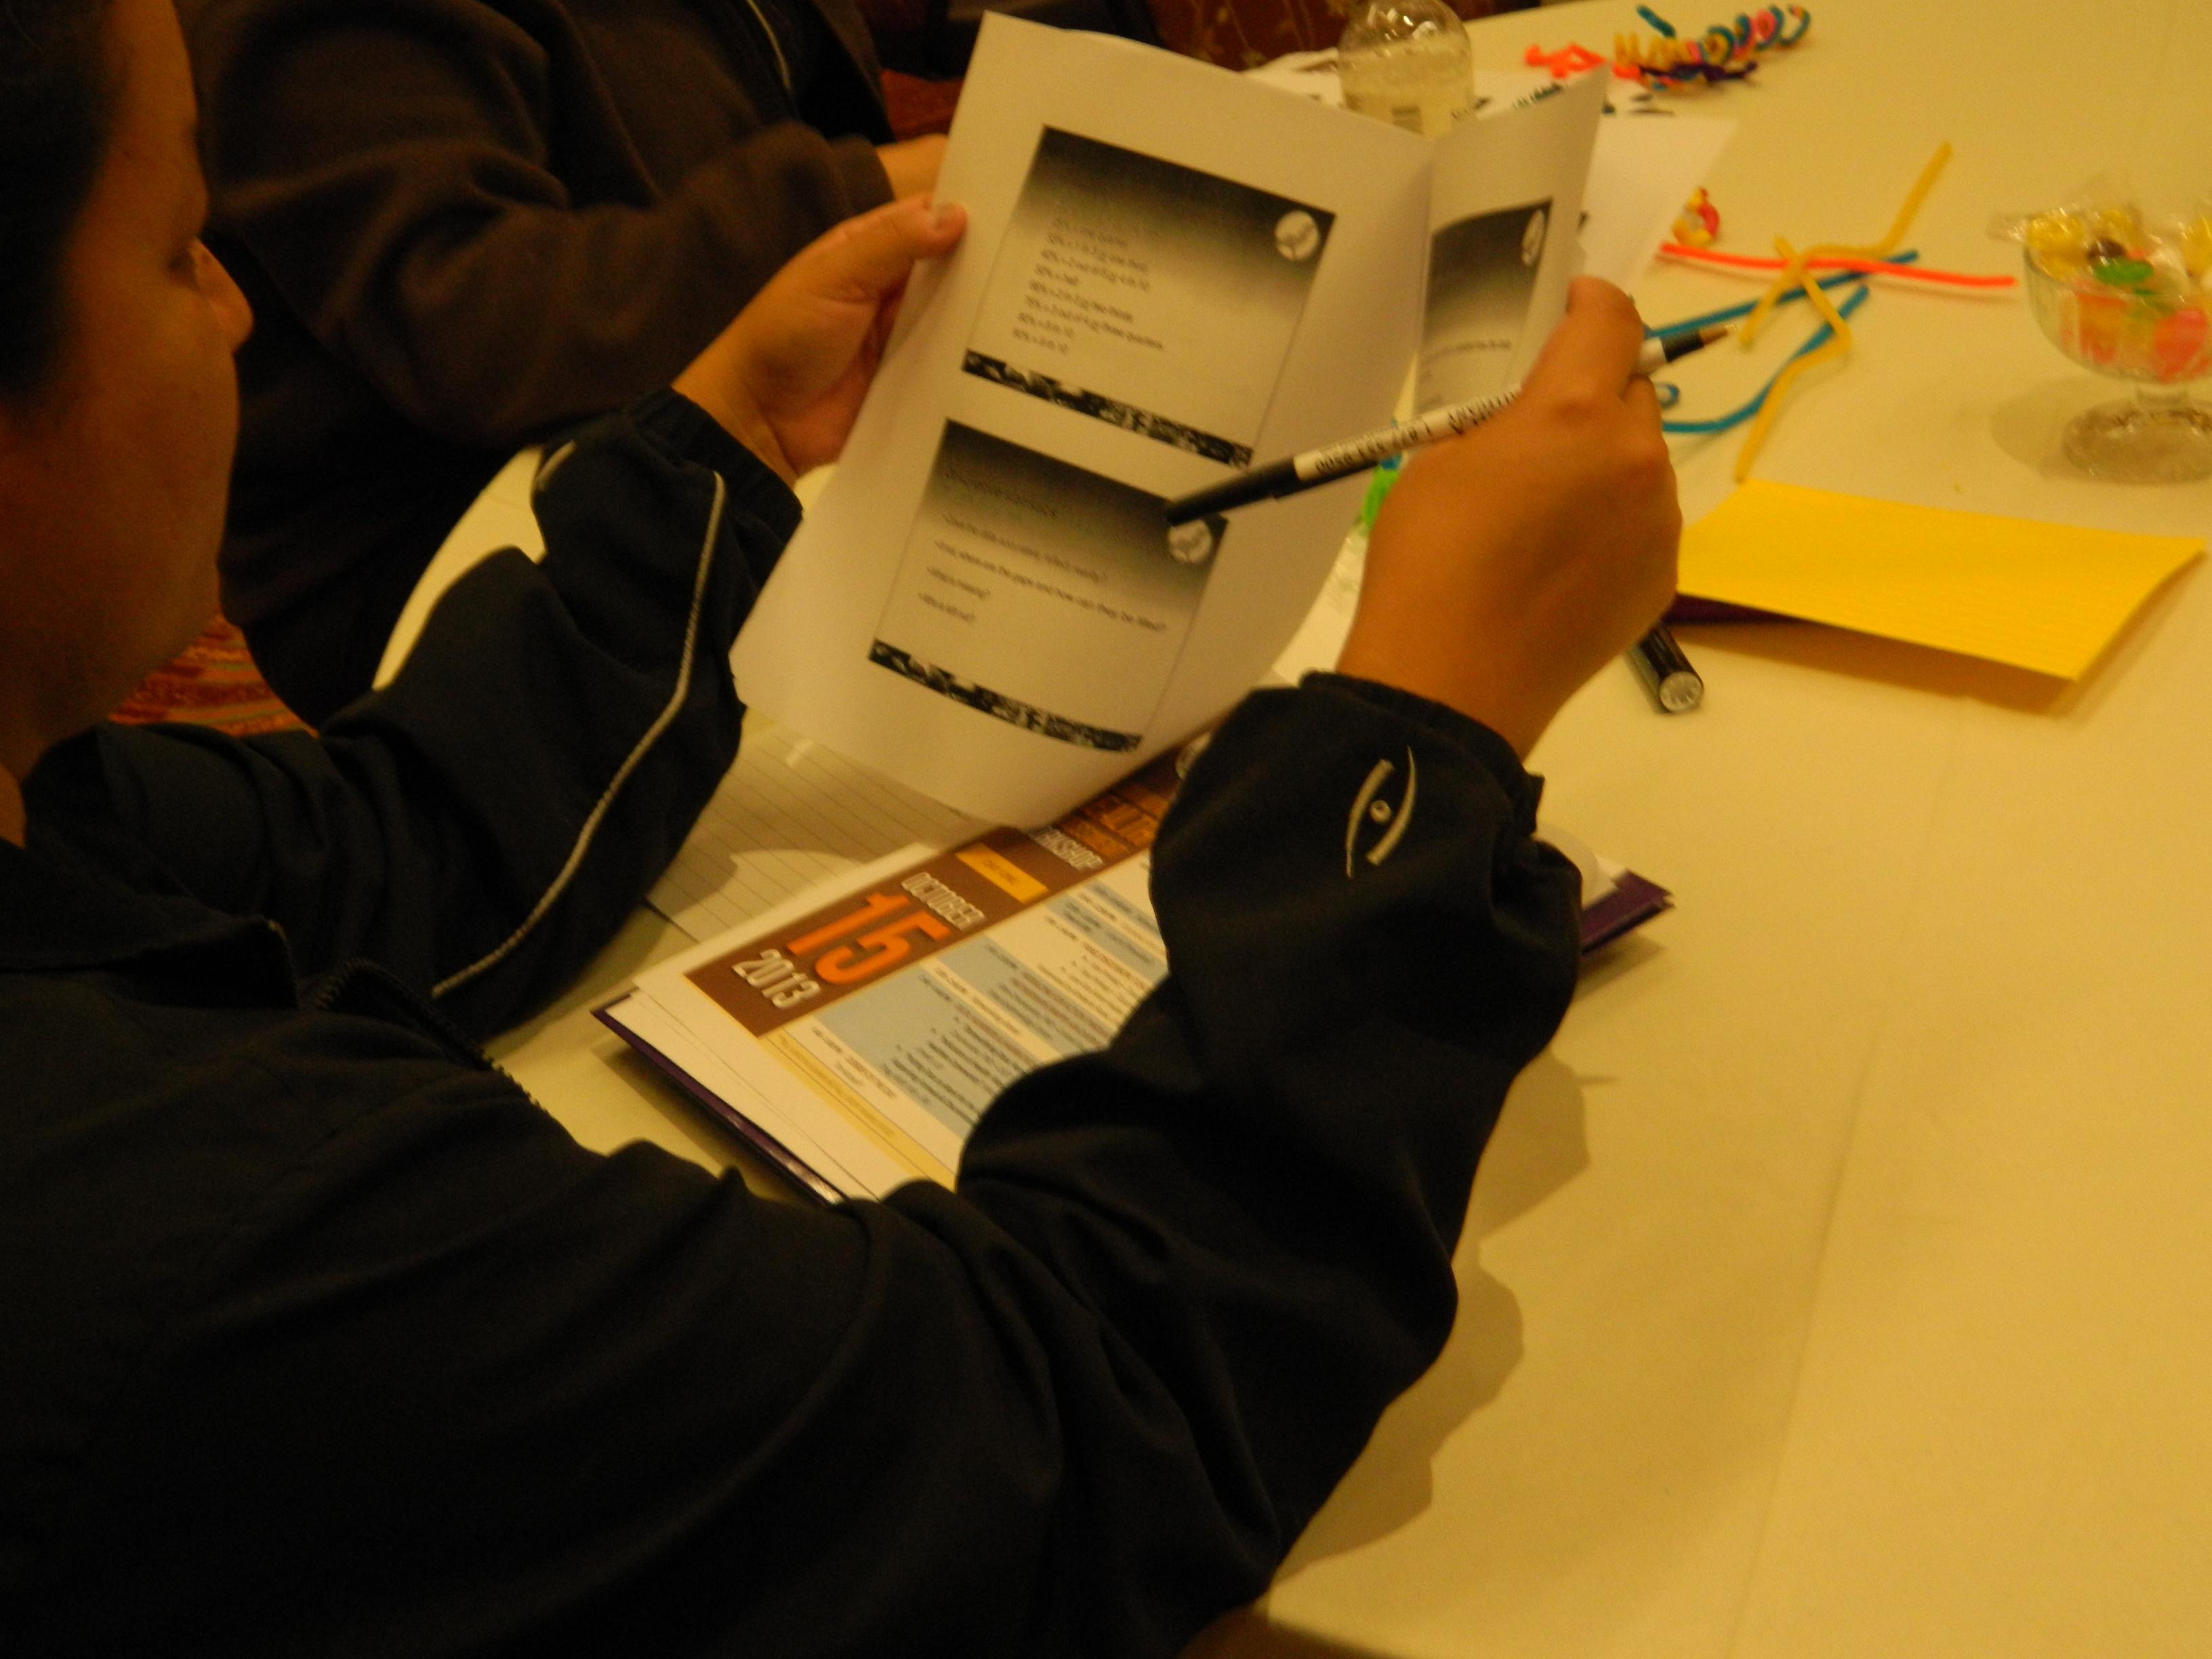 Participante mirando la impresión de PowerPoint.